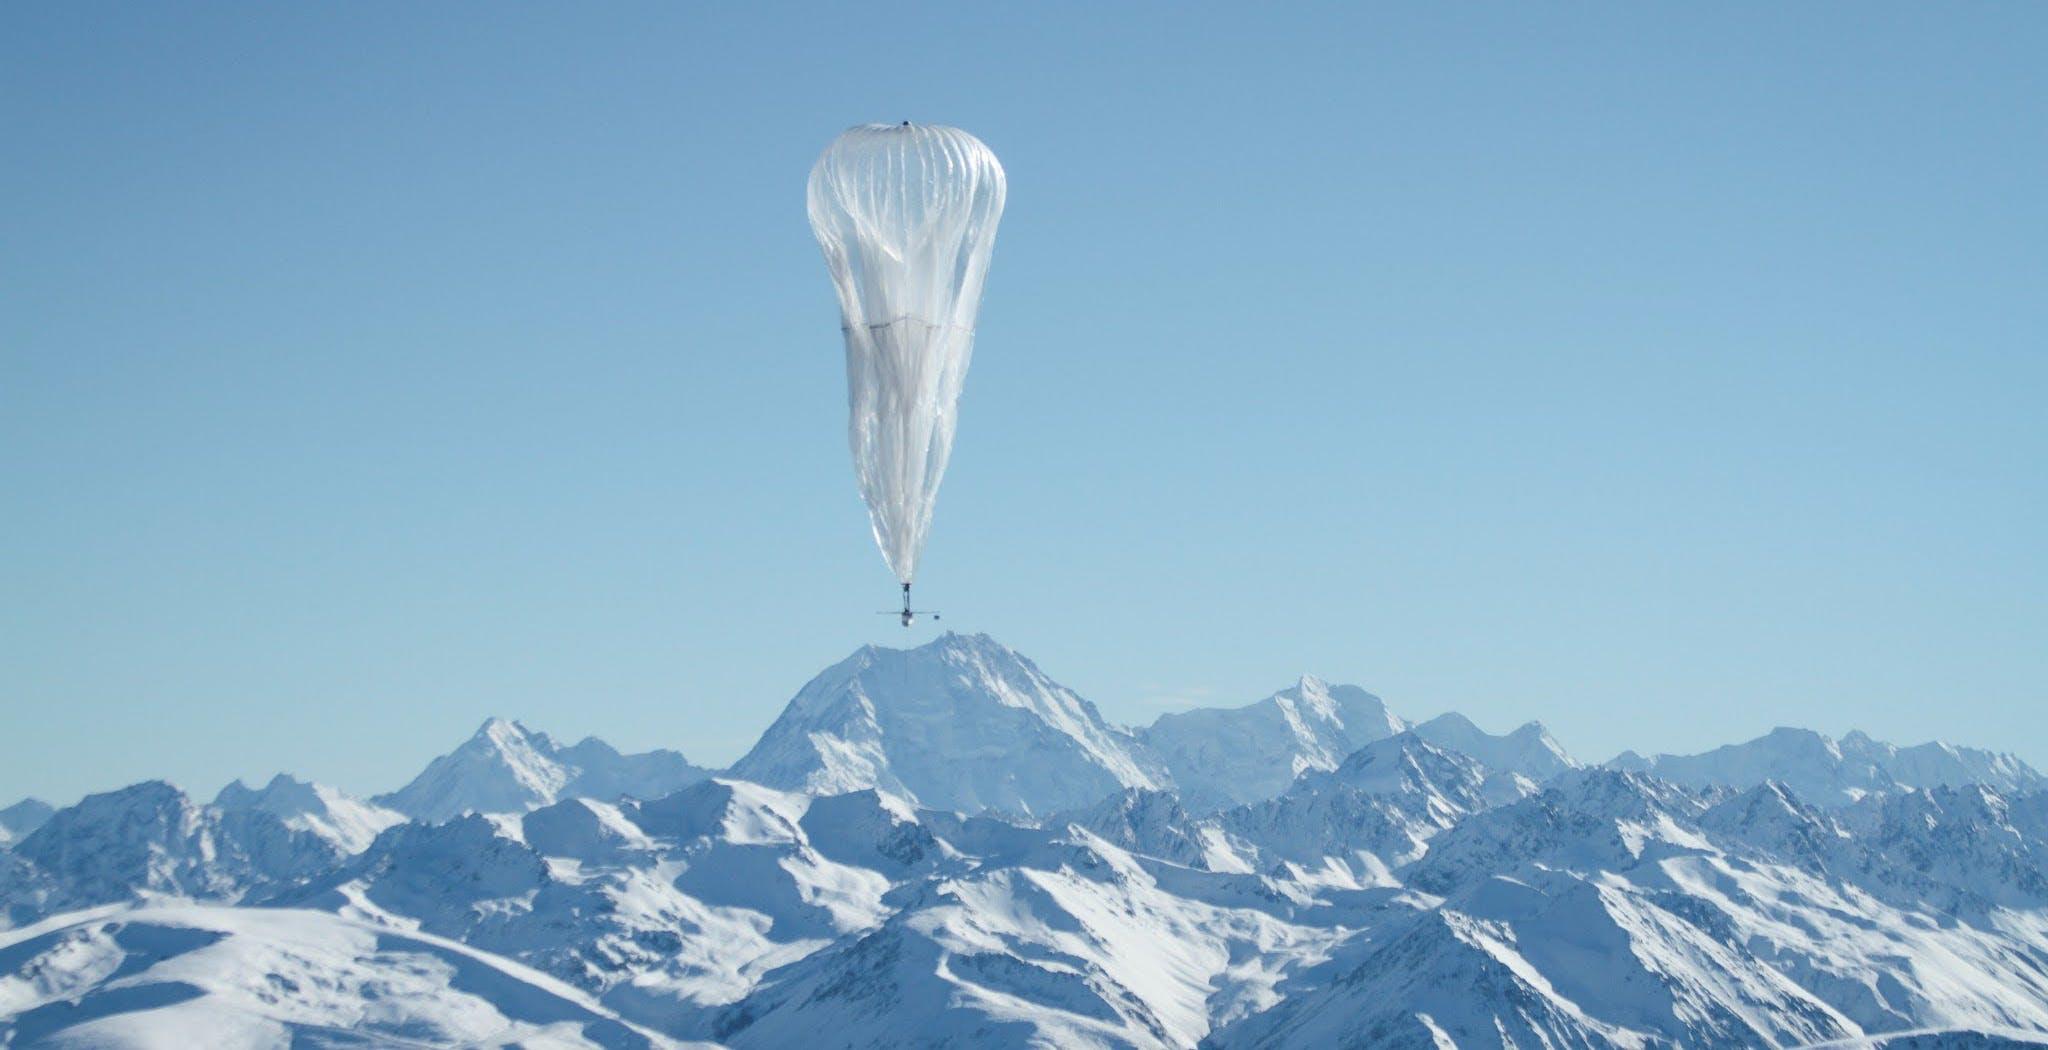 Google chiude Project Loon. Doveva portare Internet nelle aree disagiate tramite palloni aerostatici